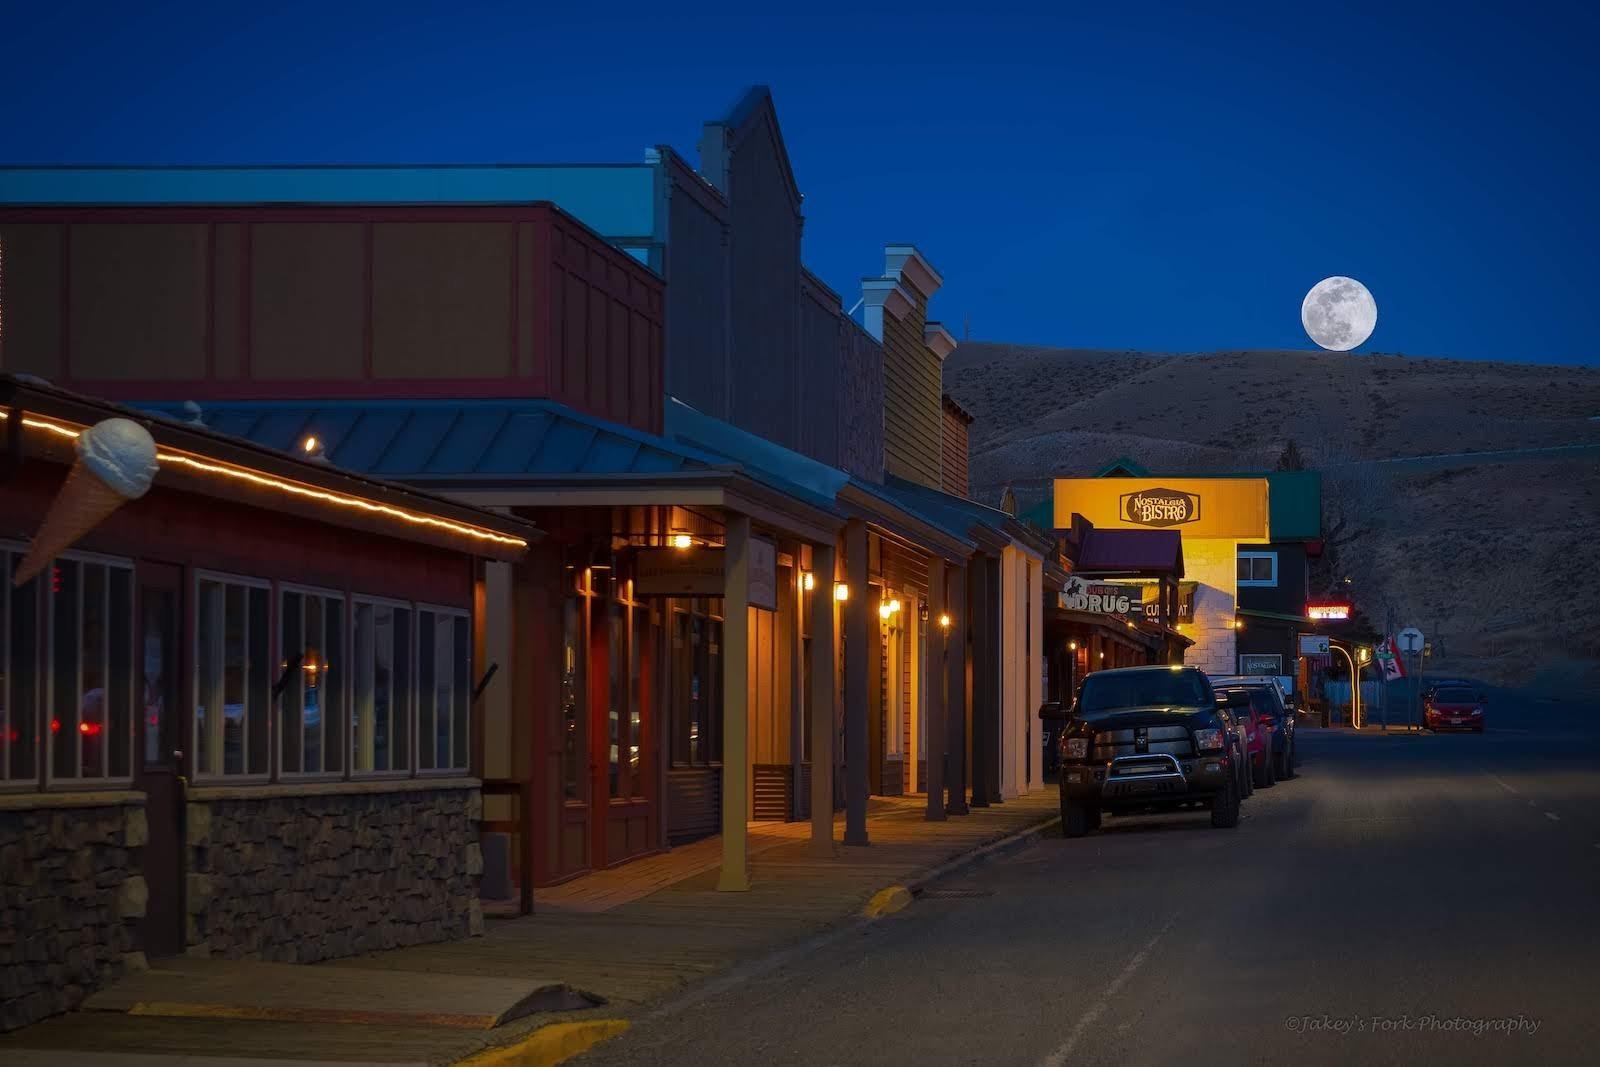 full moon over main street in Dubois, Wyoing